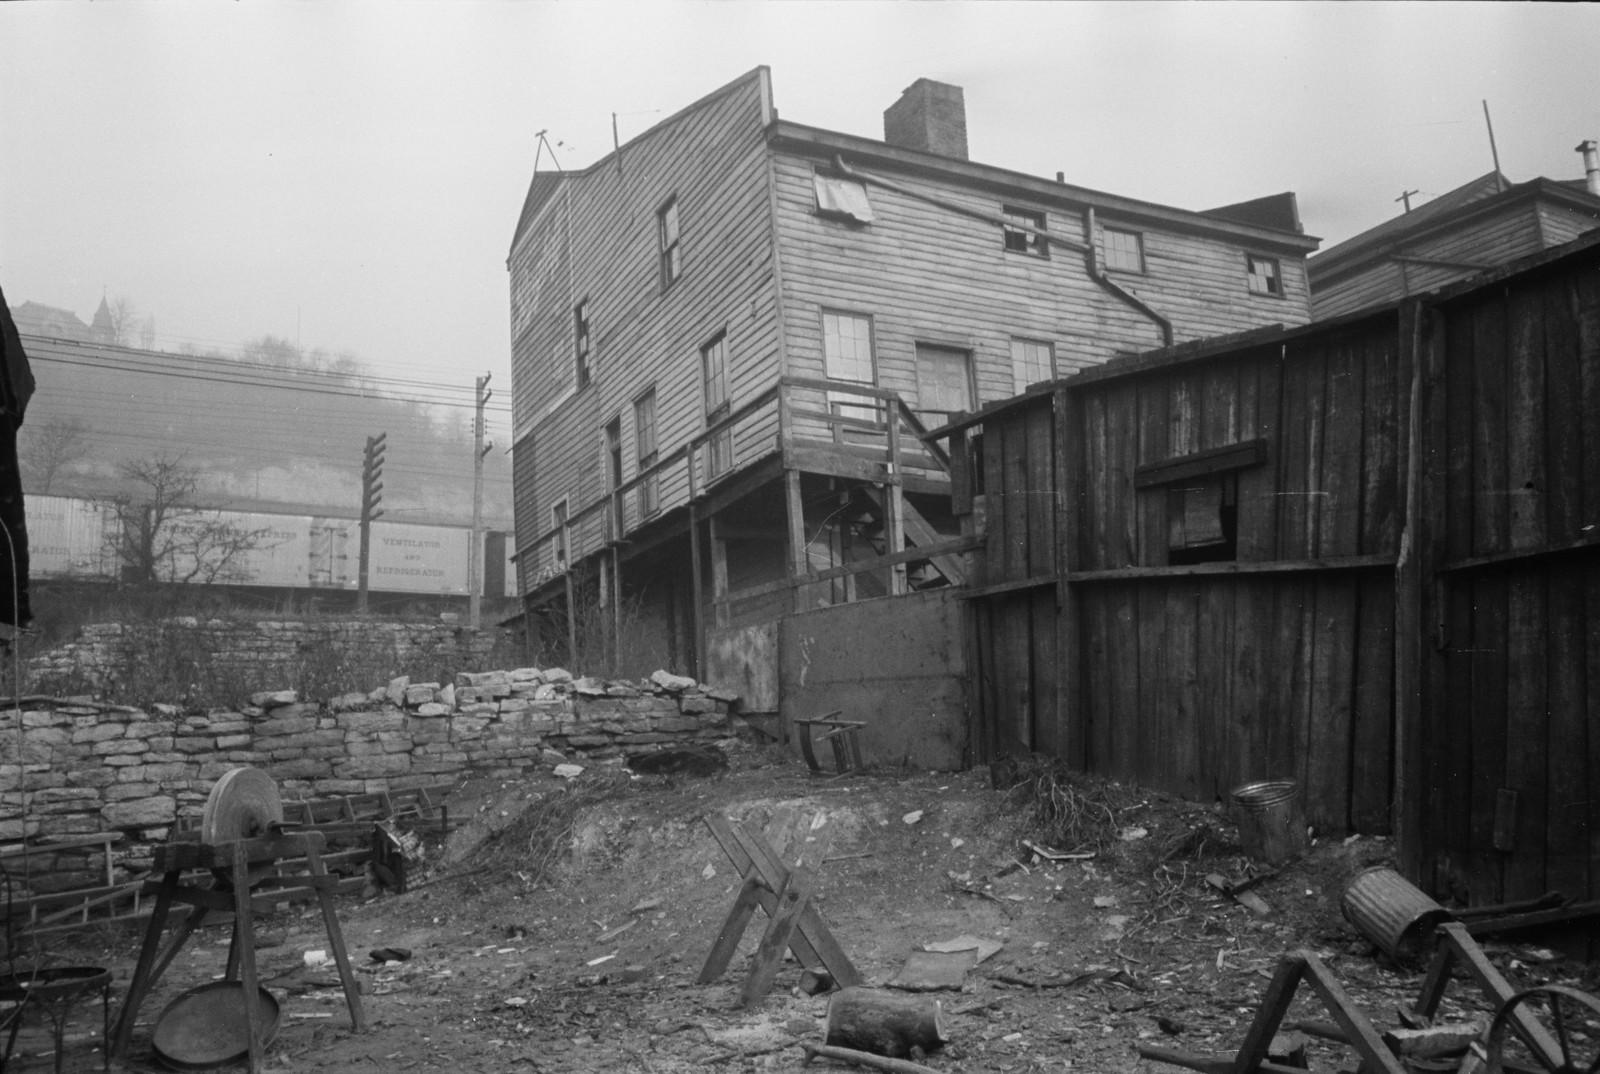 04. Типичные убогие дома, округ Гамильтон, Огайо